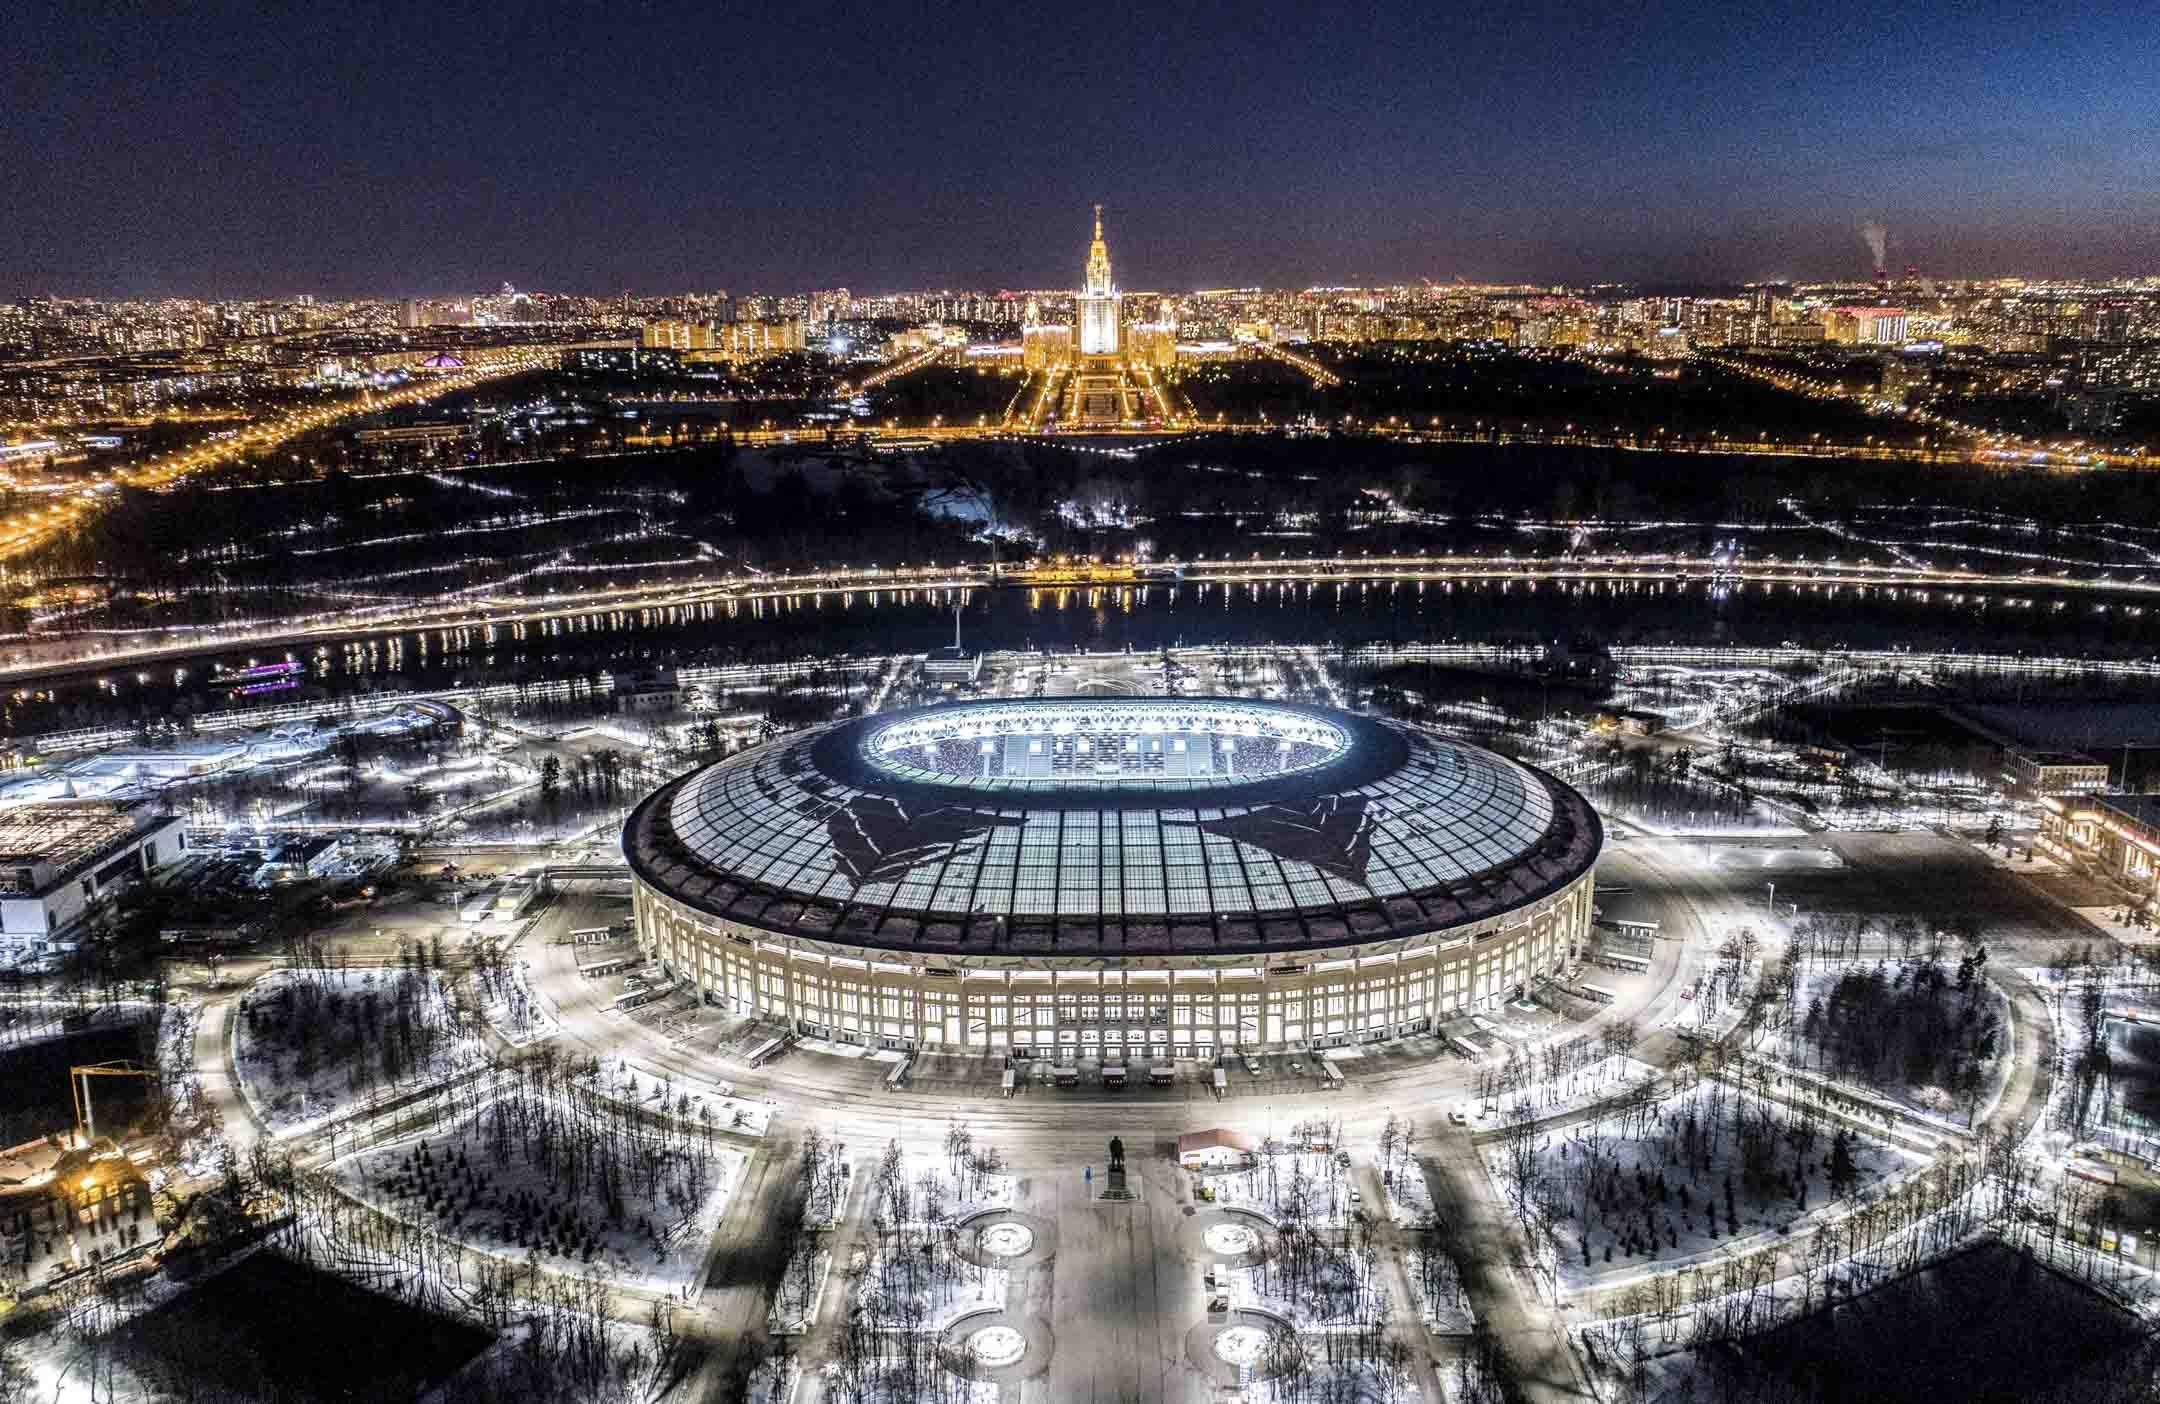 2018年的世界盃在資金投入上超過了140億美元,已經作為「史上最昂貴的世界盃」名垂史冊。圖為盧日尼基體育場,會舉行包括揭幕戰及決賽在內的七場比賽。 攝:Dmitry Serebryakov/AFP/Getty Images